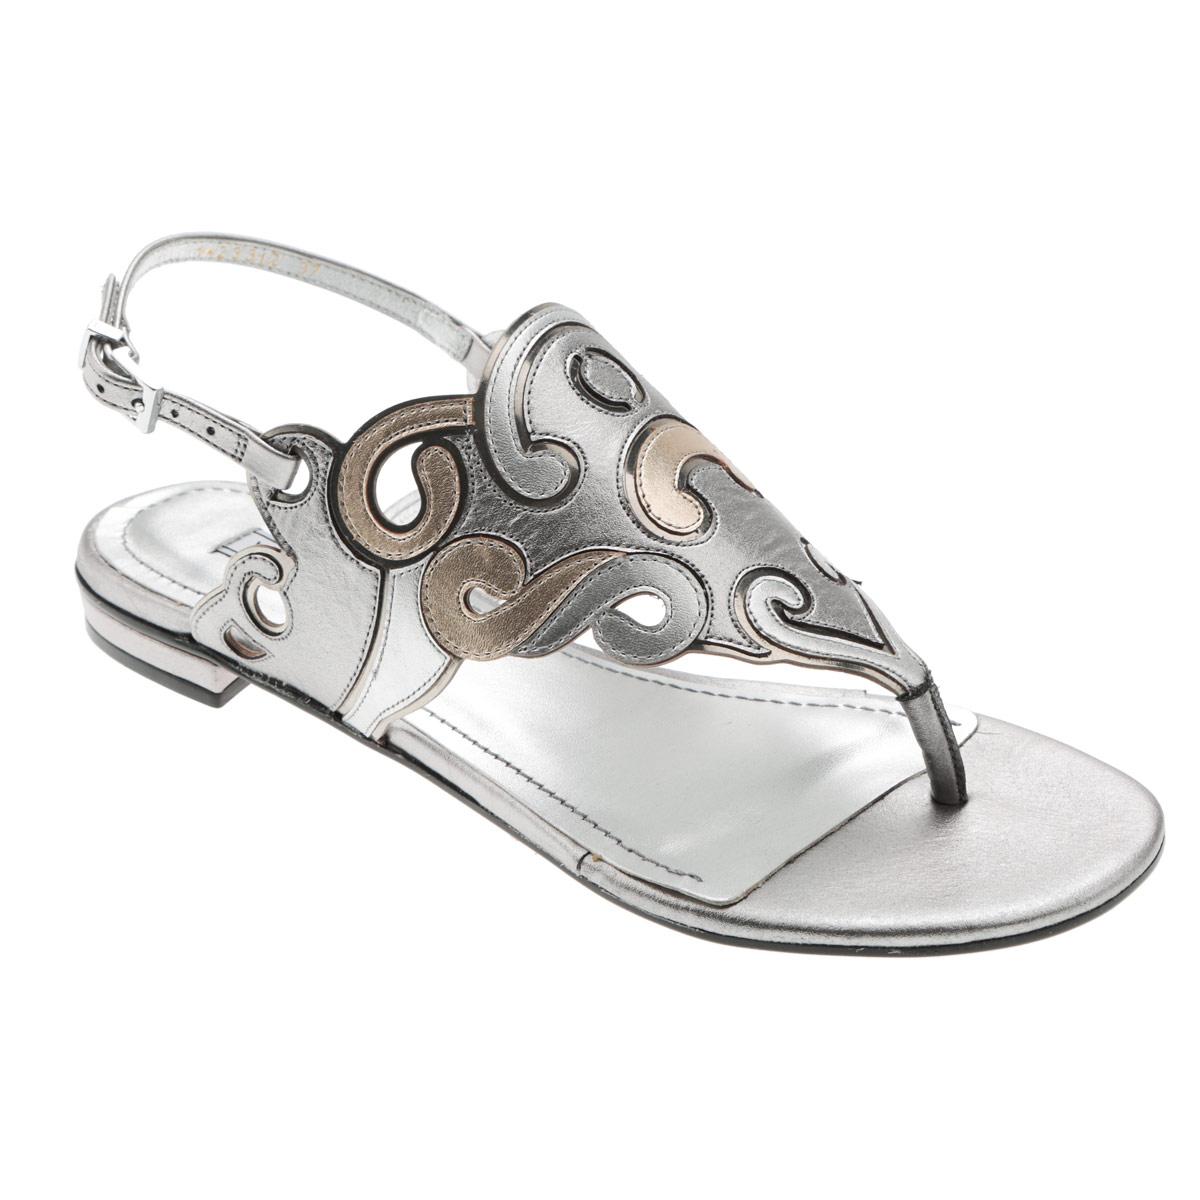 Сандалии женские. 1-233121-23312Стильные сандалии от Werner займут достойное место среди вашей коллекции летней обуви. Модель выполнена из натуральной кожи и декорирована на подъеме оригинальным узором. Эргономичная перемычка между пальцами и ремешок, огибающий пятку, с прямоугольной металлической пряжкой отвечают за надежную фиксацию модели на ноге. Стелька из натуральной кожи обеспечивает комфорт при ходьбе. Подошва выполнена из прочного полимера с противоскользящим рифлением. Модные сандалии прекрасно дополнят любой из ваших образов.